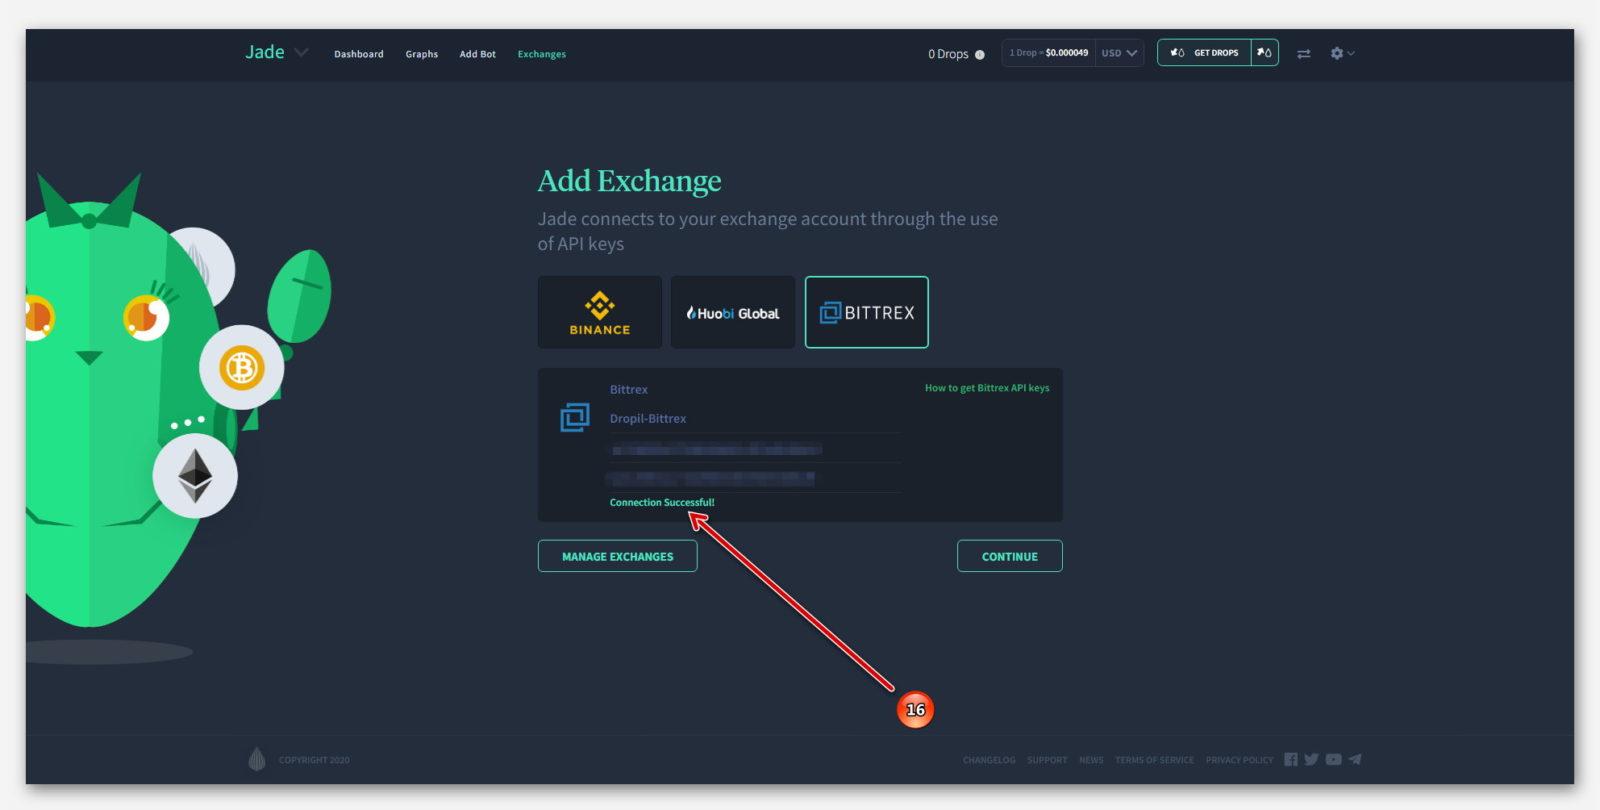 Удачное подключение Робота Jade, к бирже Bittrex в проекте Dropil